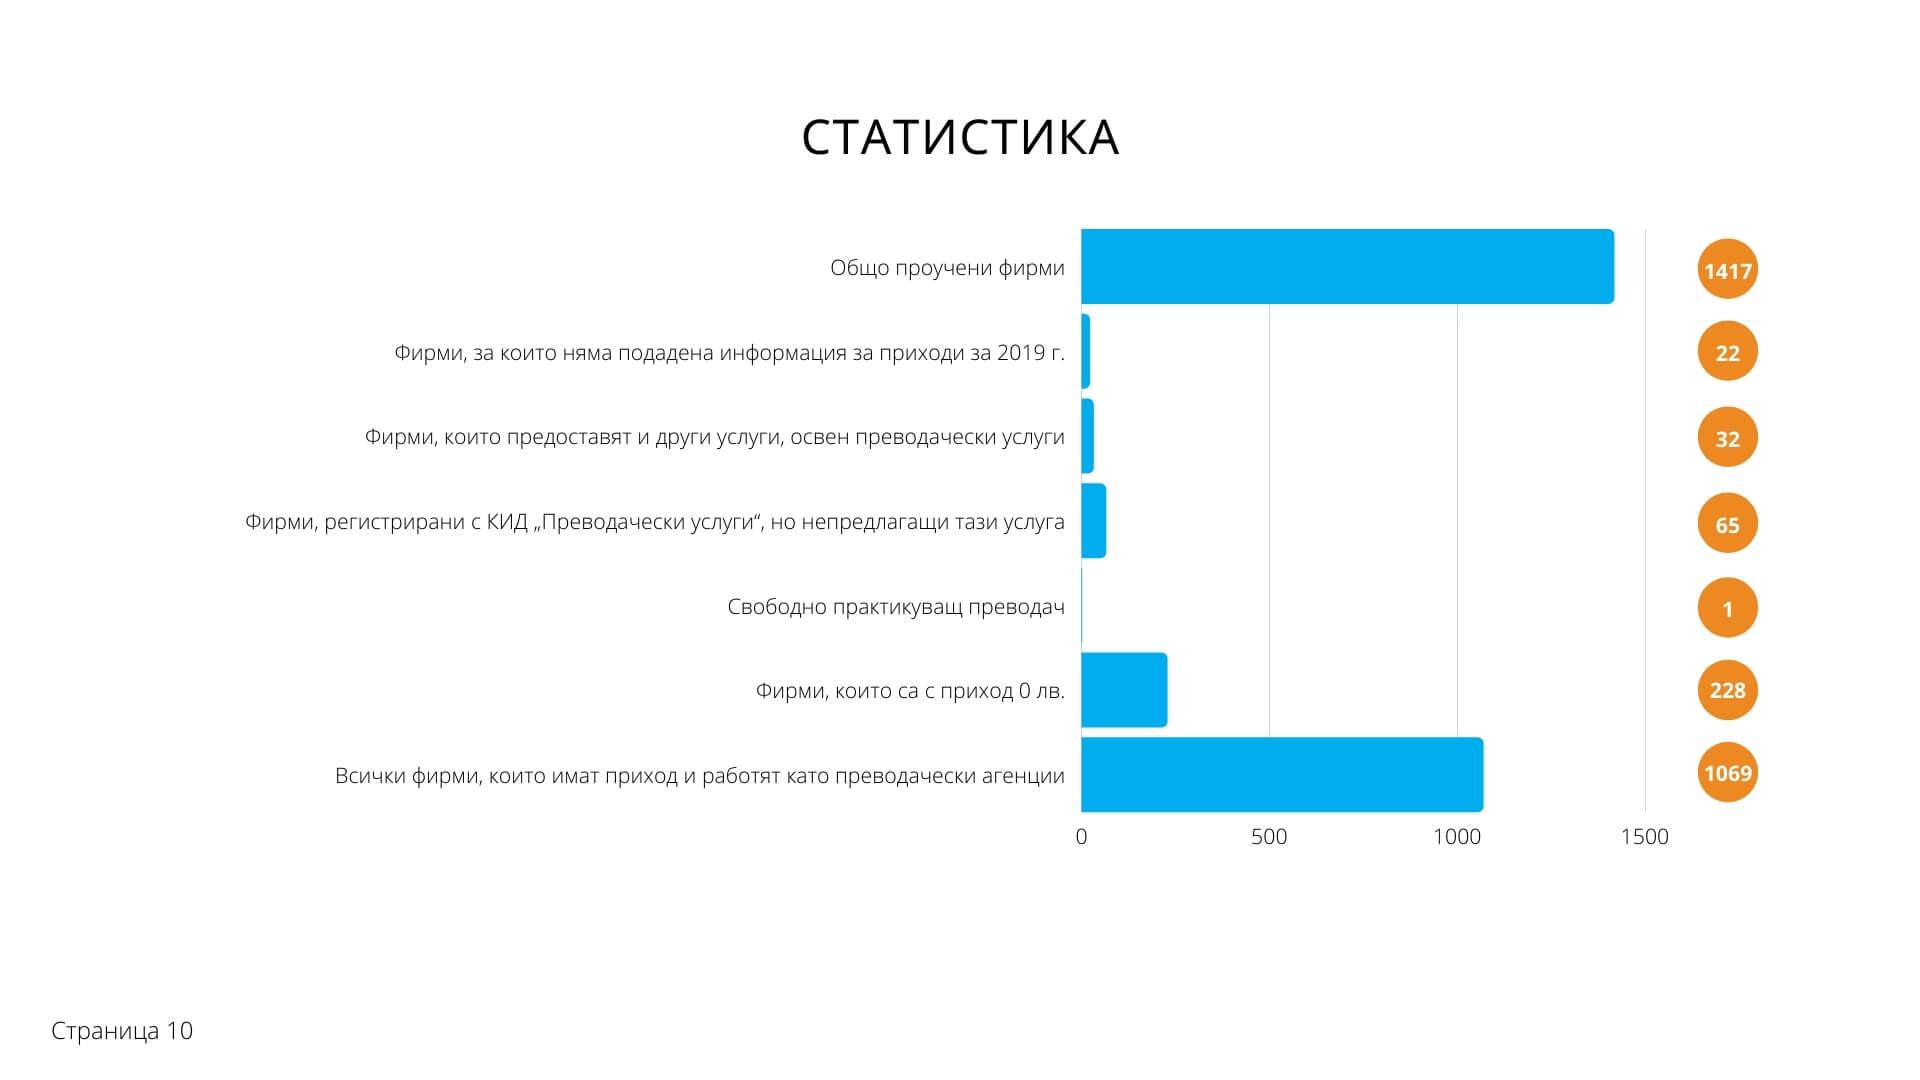 Топ 100 преводачески агенции в България - Статистика